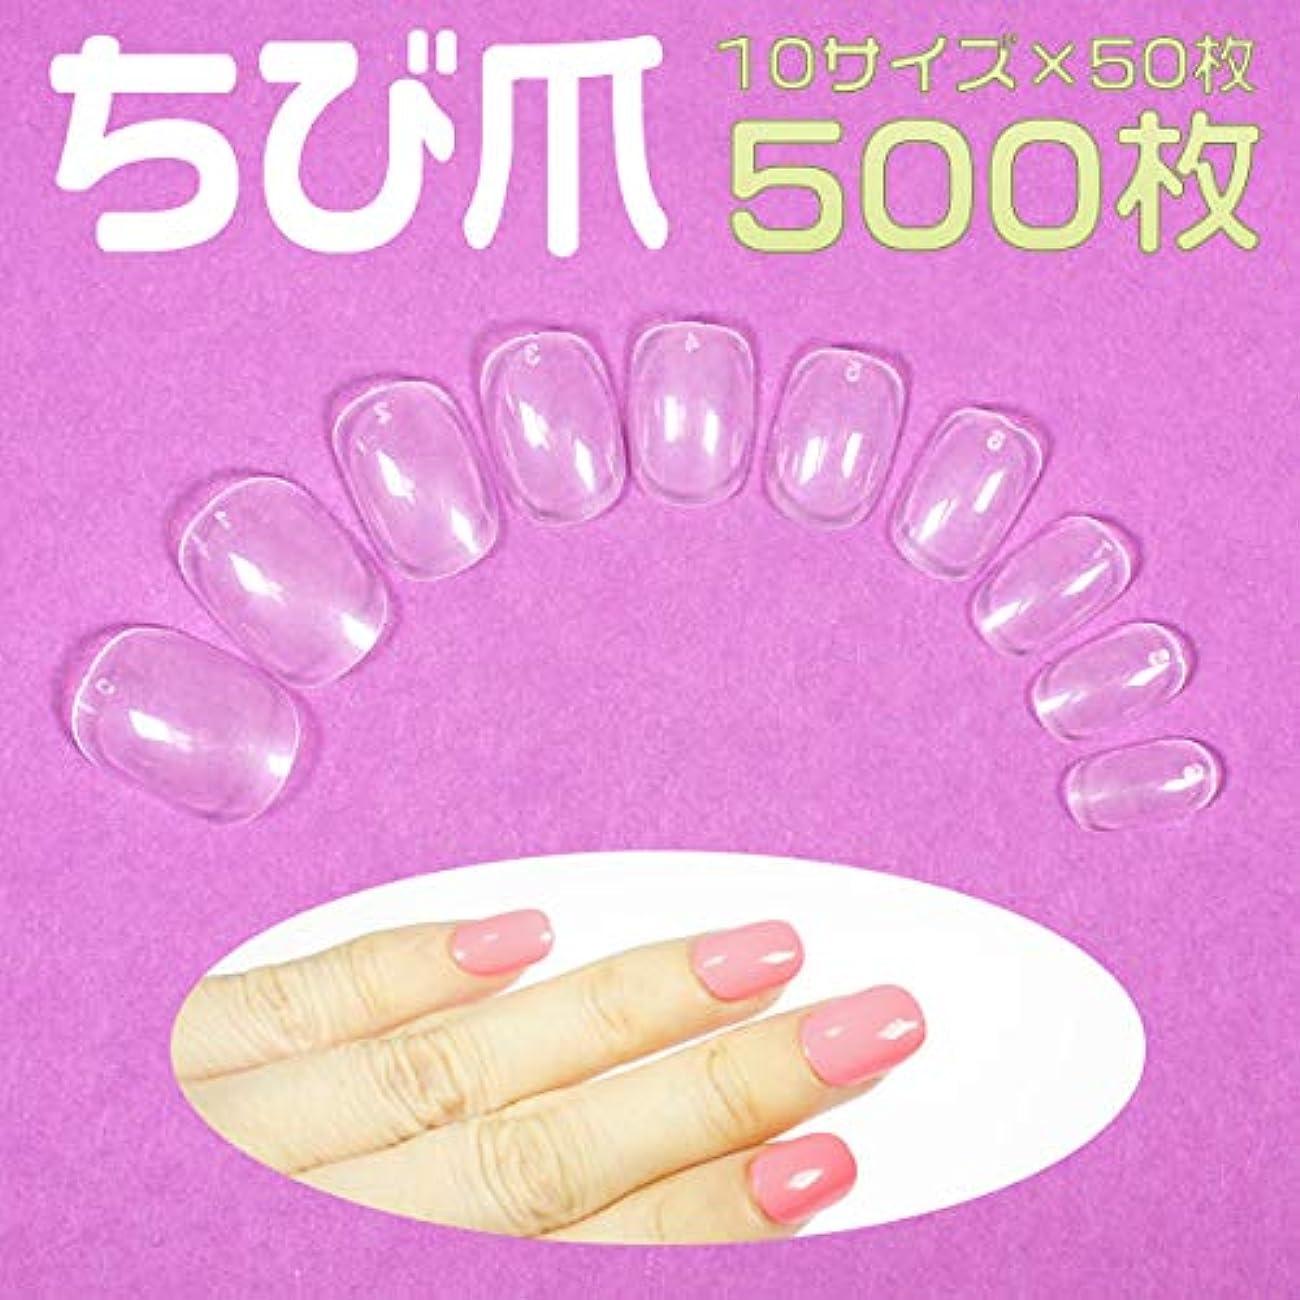 ポータル上げる終わりネイルチップ ちび爪 超ショートサイズ クリア [#1]500枚入 小さい爪用 短い爪用 ベリーショート つけ爪